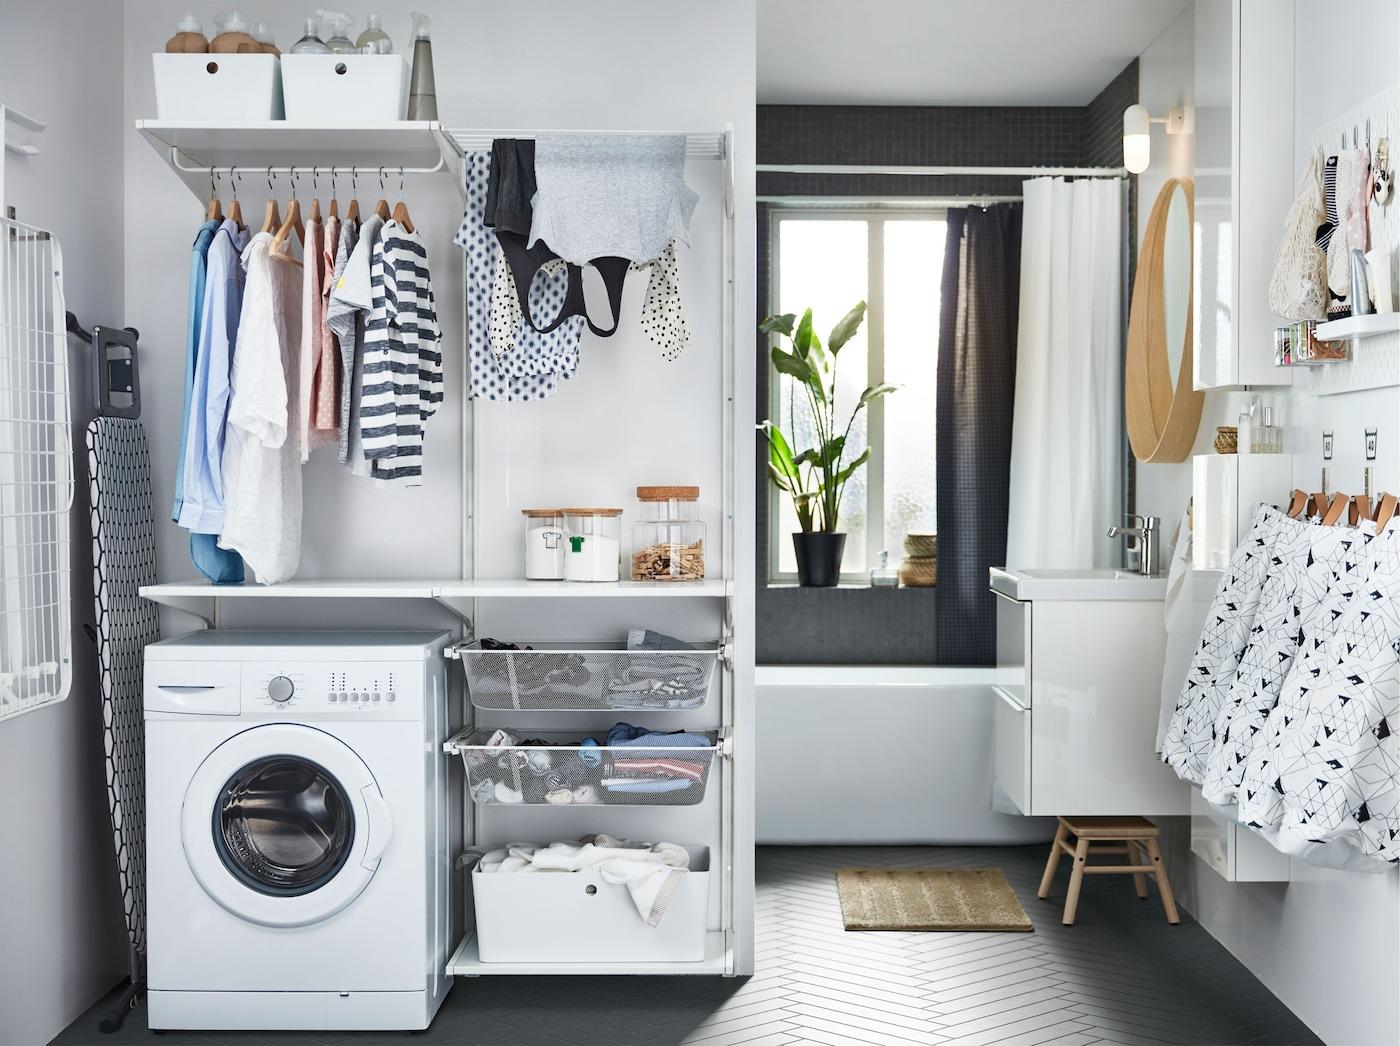 IKEA ALGOT serien omfattar djupa meshbackar, torkställningar, medan KUGGIS förvaringslådor i plast kan hjälpa dig att göra din tvättlösning mer effektiv.